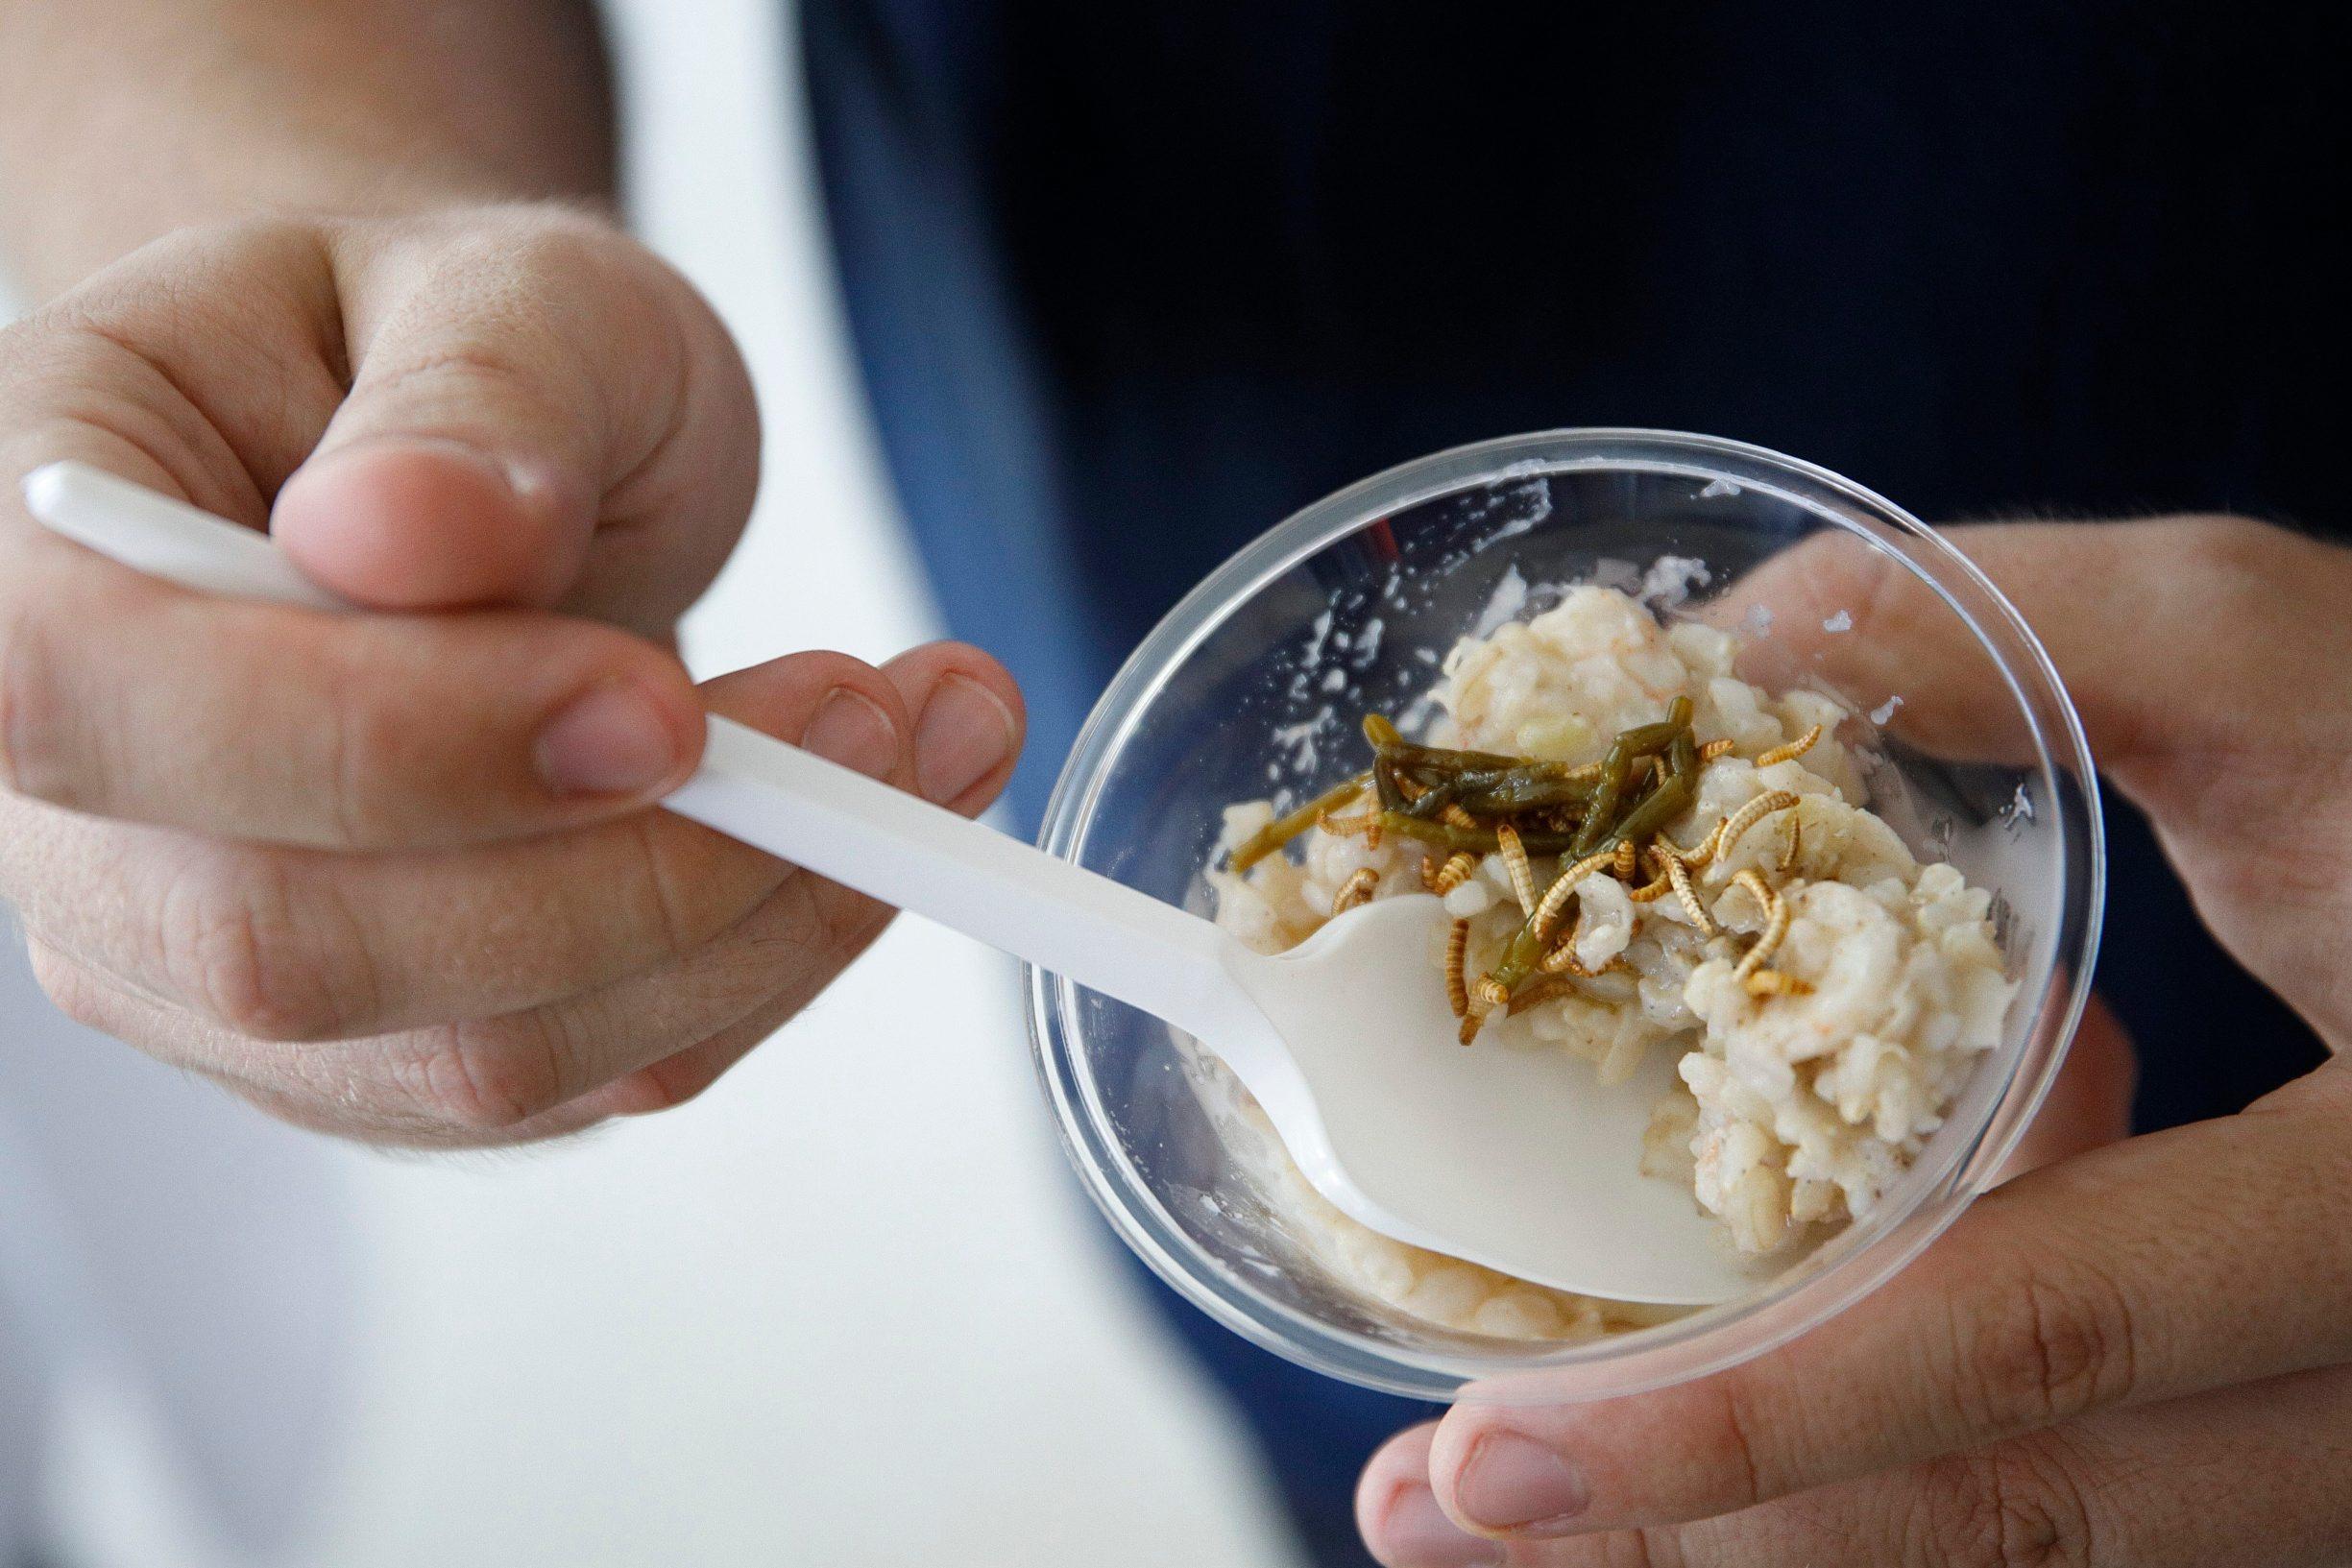 Zagreb, 260619. Nakon znanstvenostrucnog skupa Kukci na tanjuru, na Agronomskom fakultetu, kuhar Ivan Pazanin pripremio je jela od kukaca koja su degustirali nazocni. Na fotografiji: rizoto s cvrccima i crvima. Foto: Dragan Matic / CROPIX